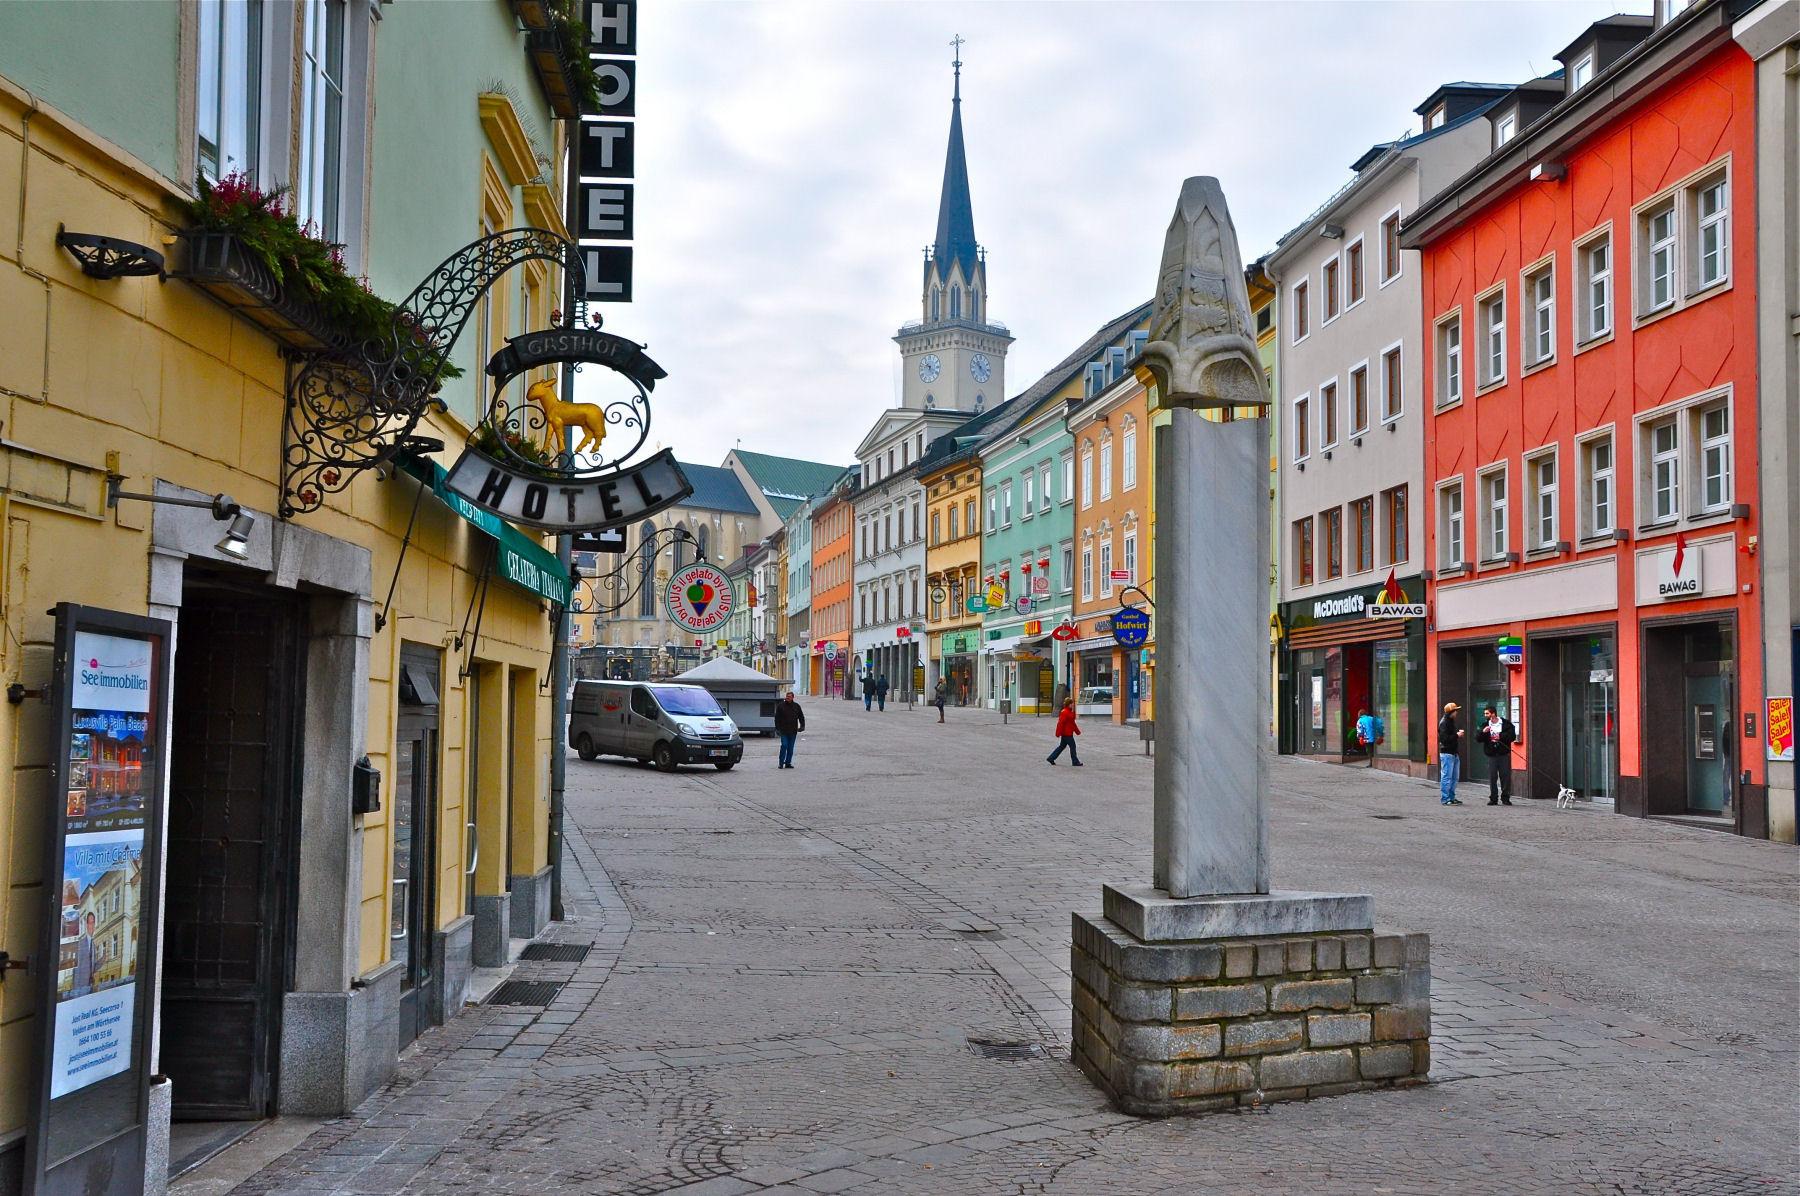 Villach main square called Hauptplatz, Carinthia, Austria